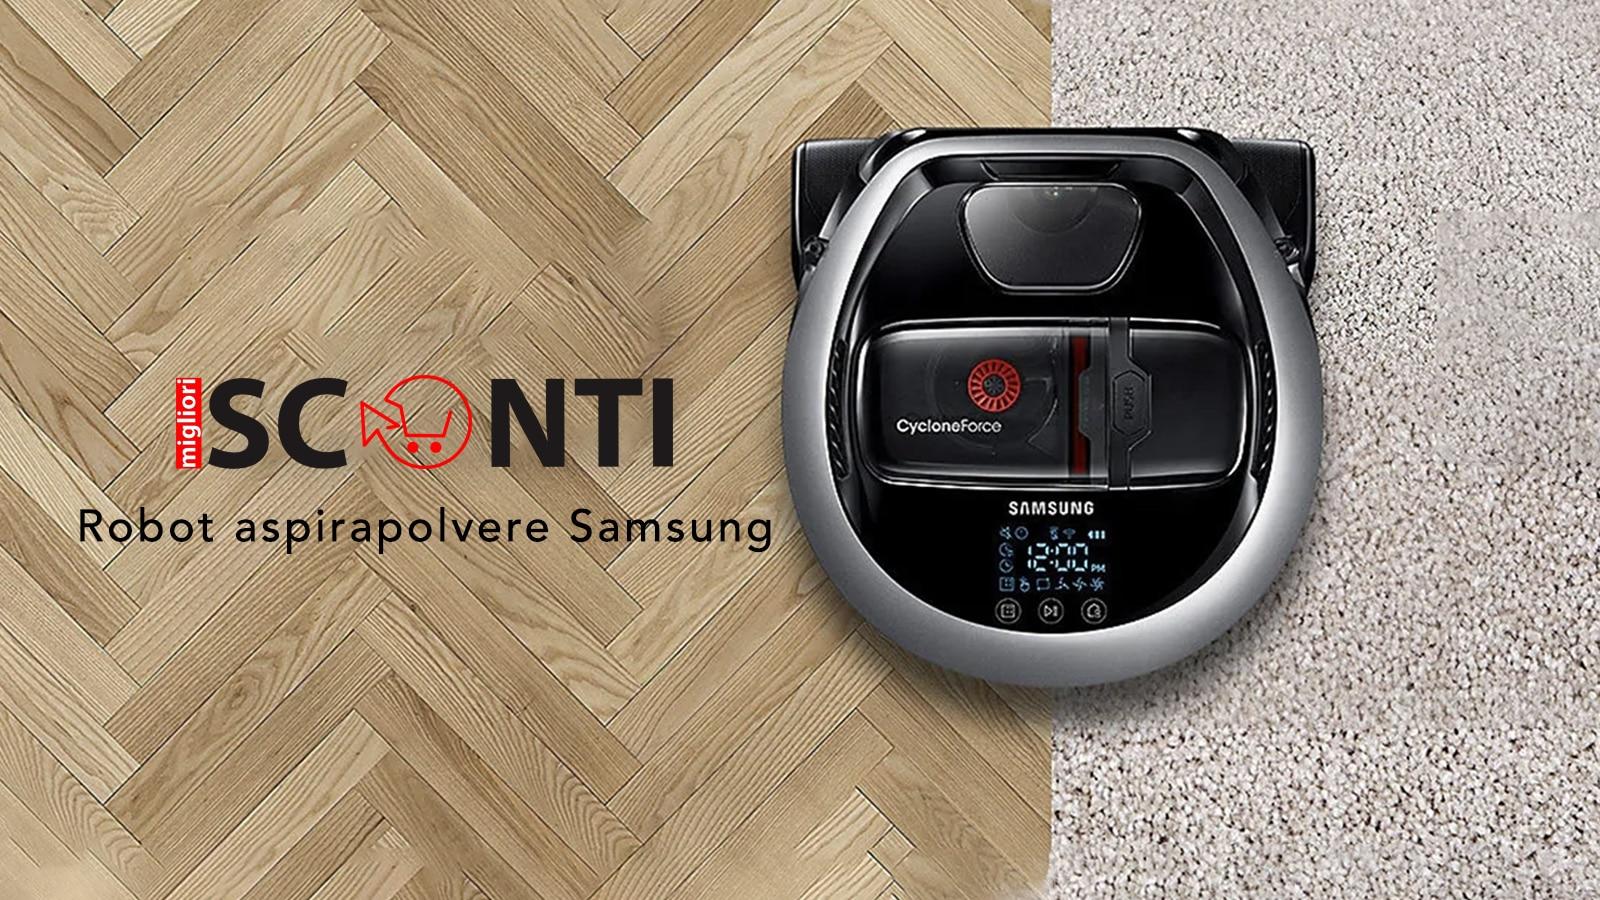 Aspirapolvere Robot Miglior Prezzo.Robot Aspirapolvere Samsung Migliore Luglio 2019 Sconti